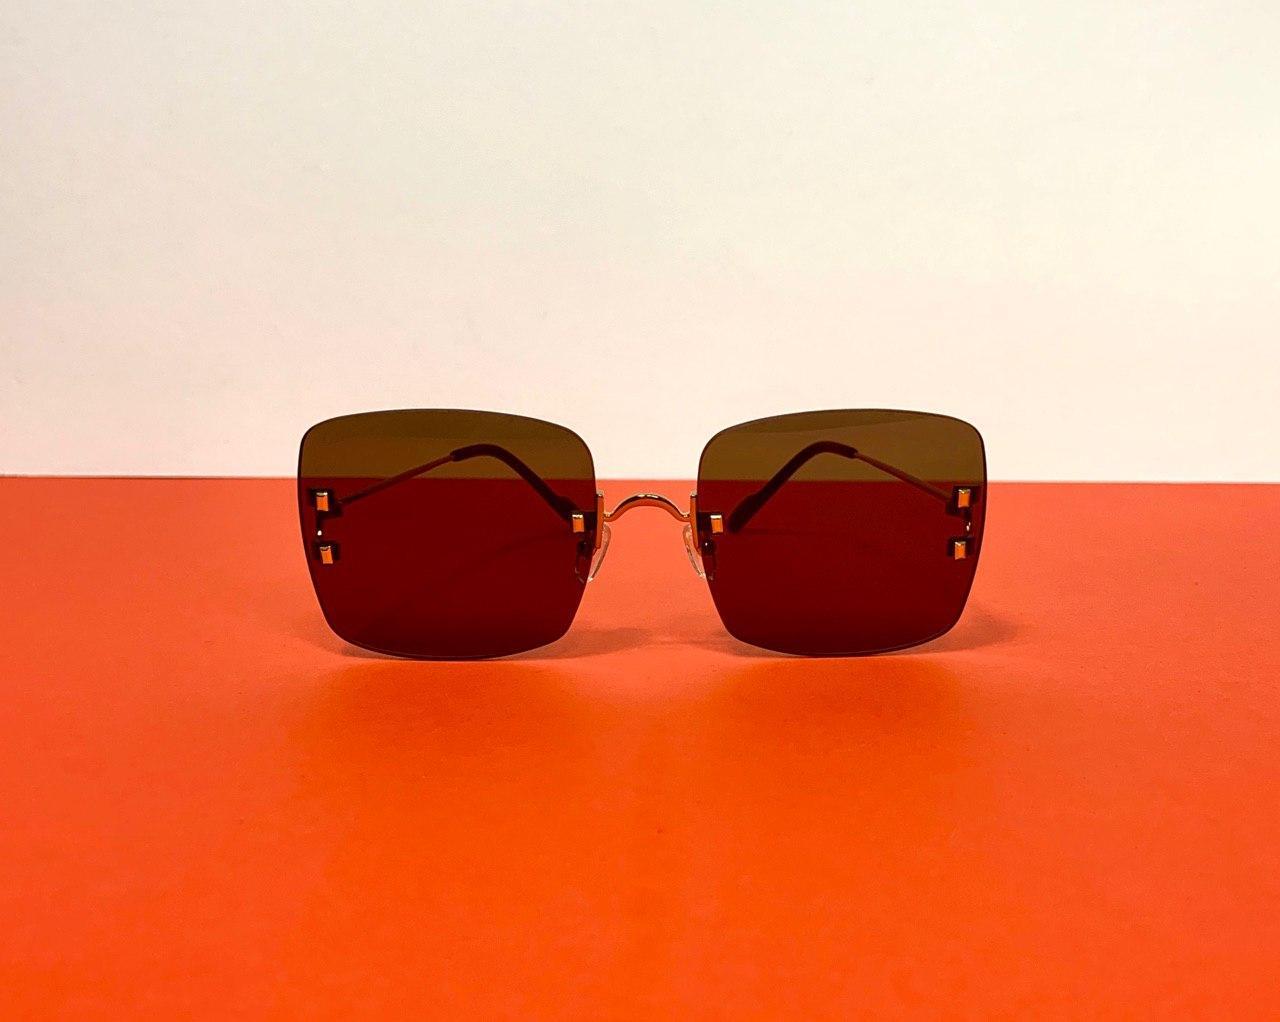 Солнцезащитные очки женские Ferragamo (Феррагамо) арт. 106-06